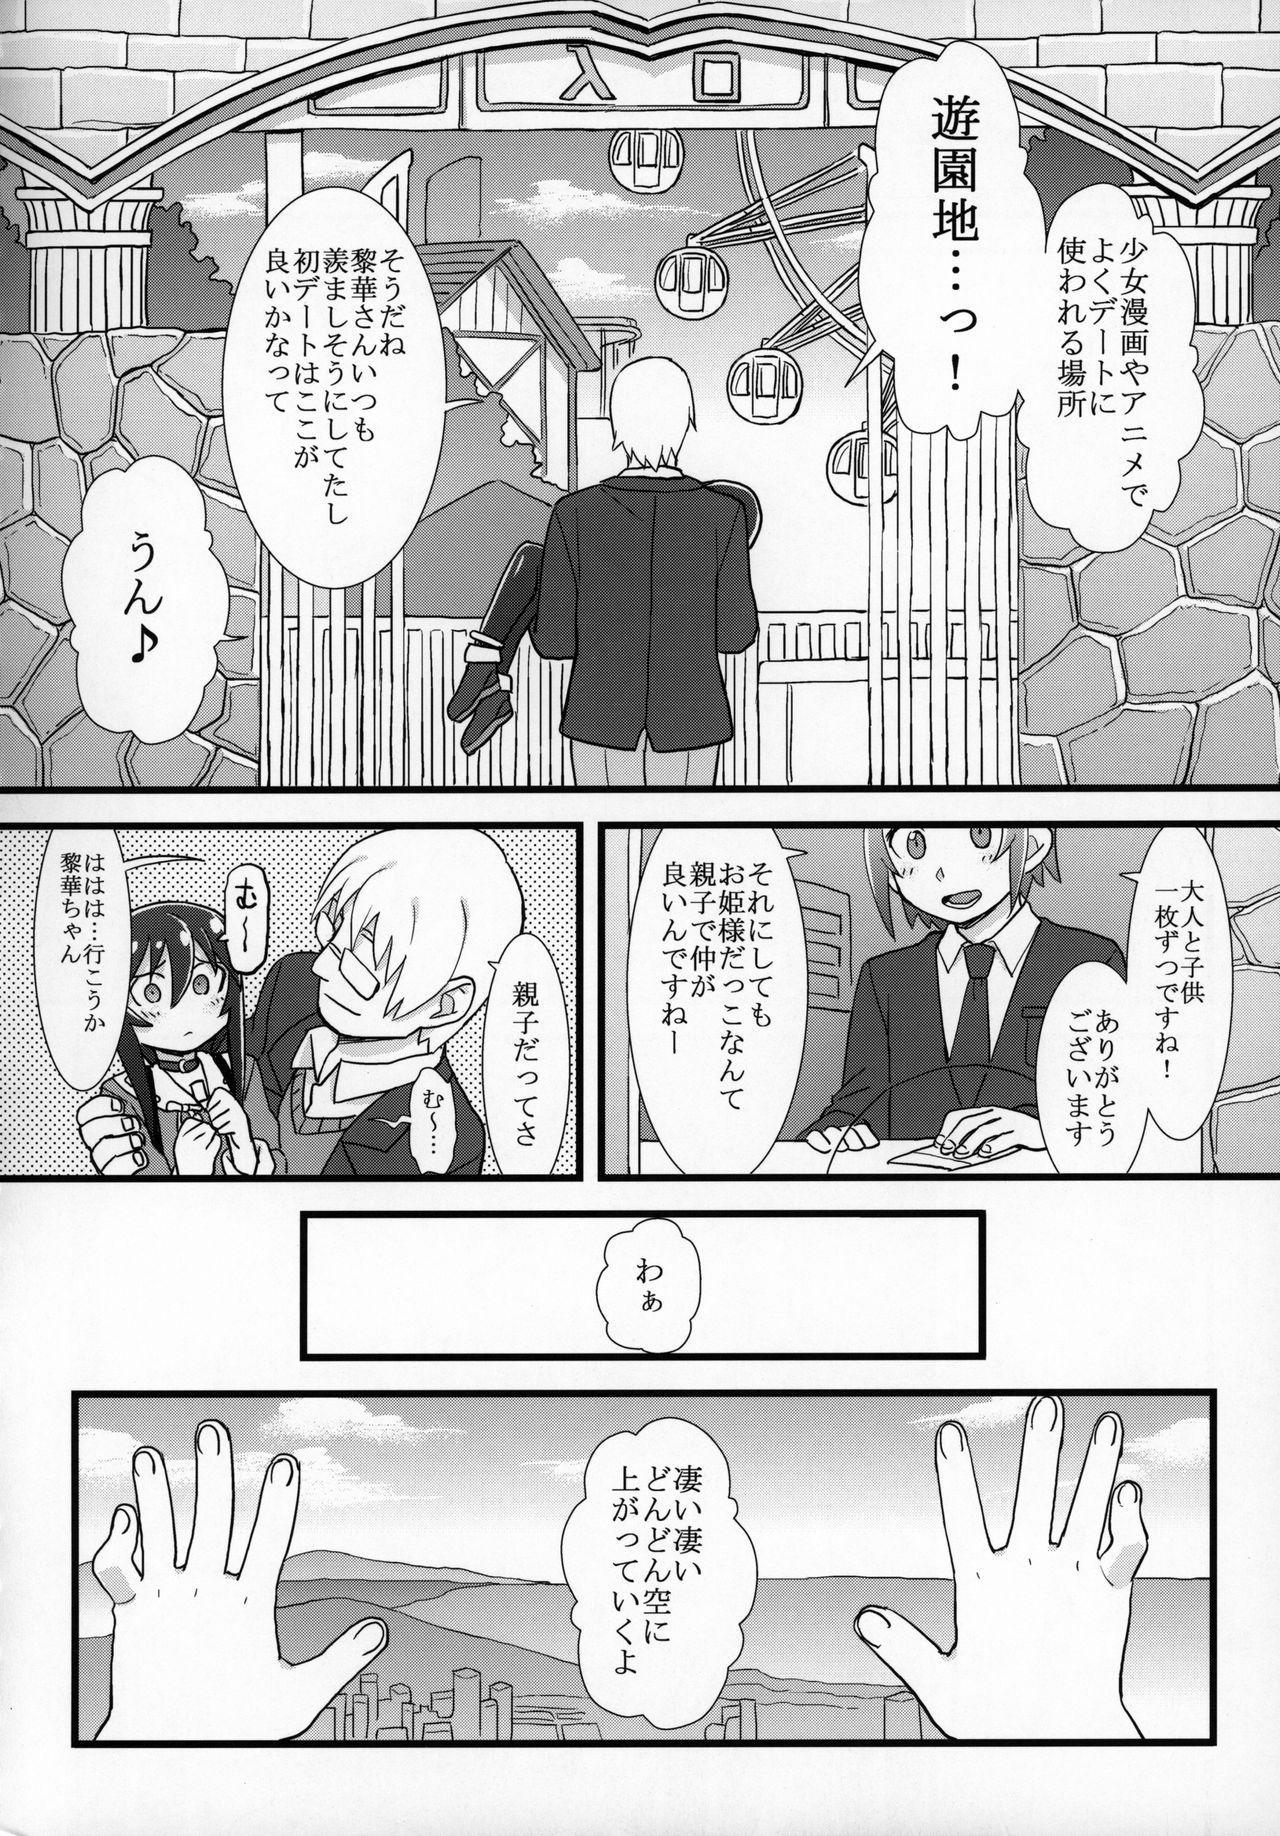 Zutto Reika-san to Issho!!! 12